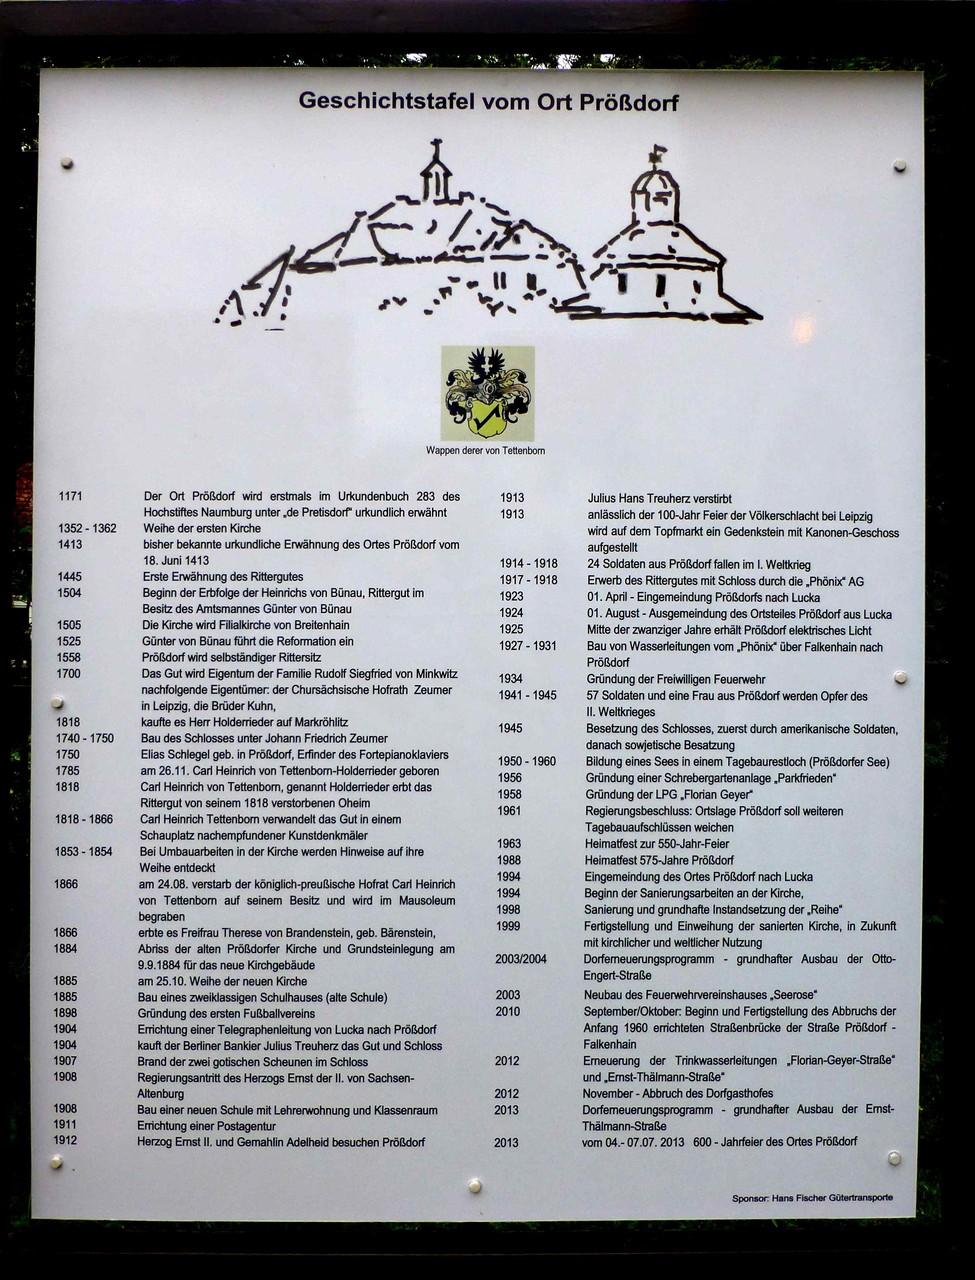 Prößdorf 600 Jahr-Feier 2013; Geschichtstafel Einweihung 4